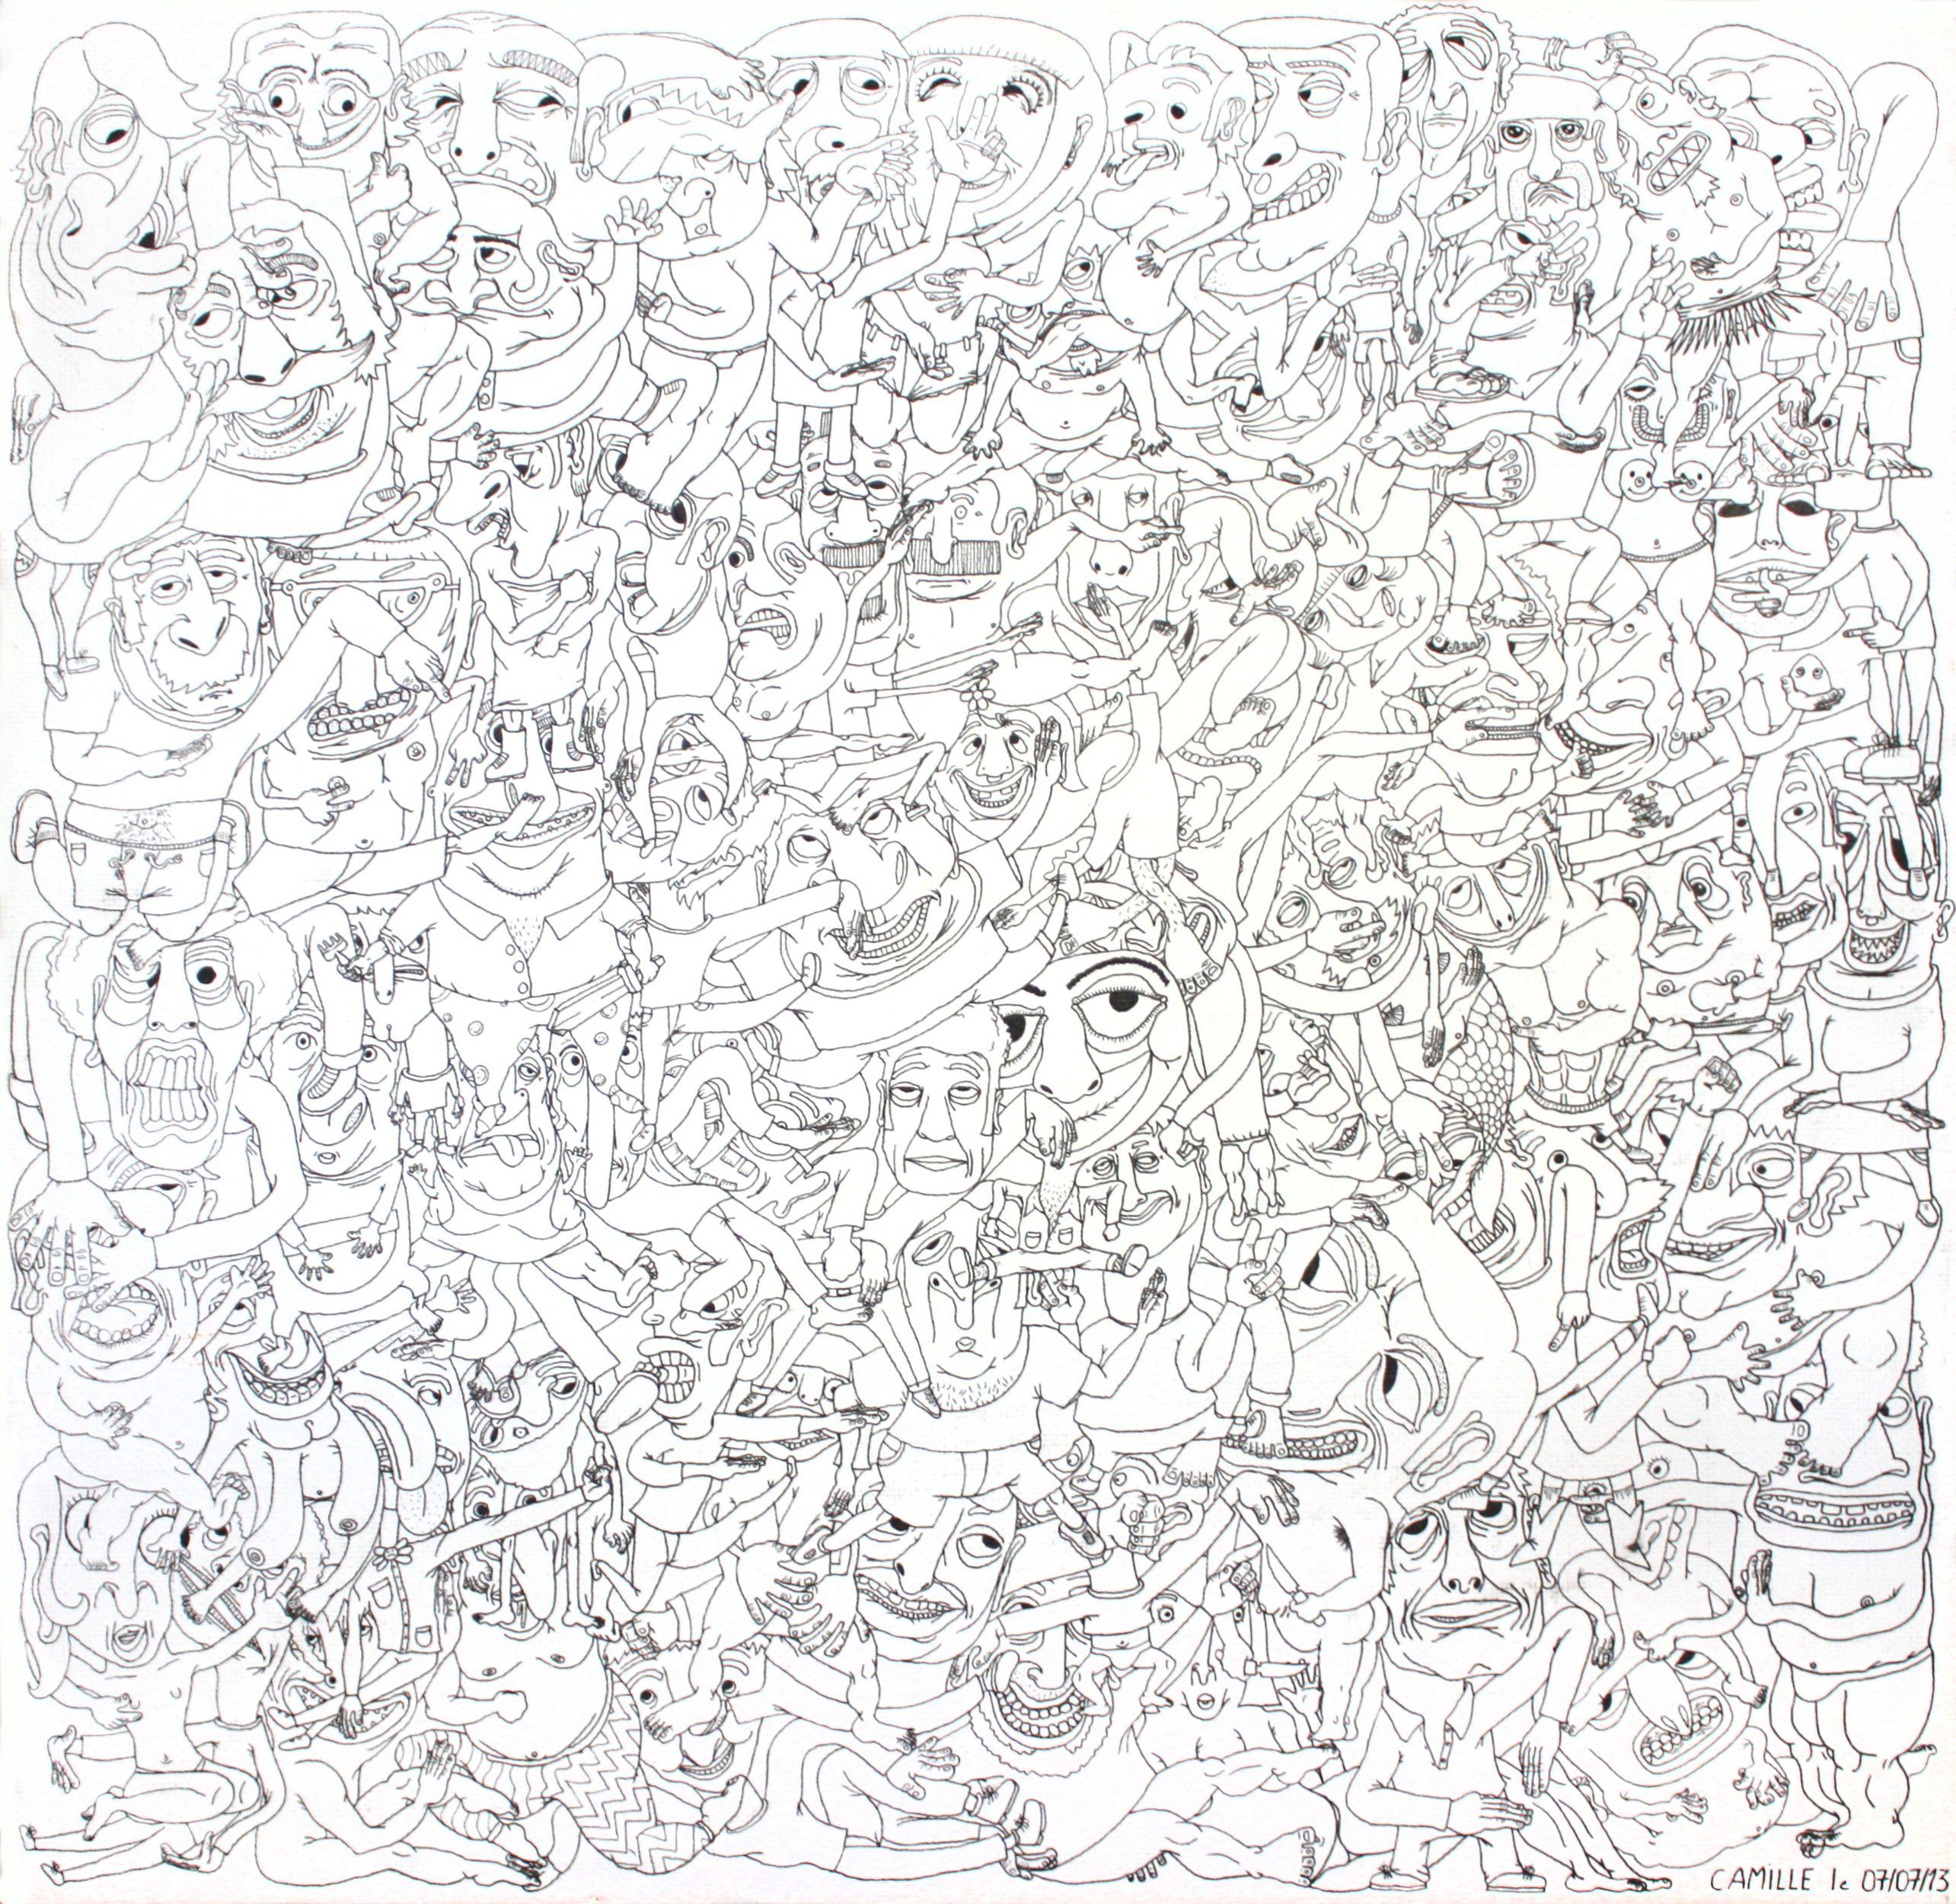 dessin illustration sur toile 40x40 cm d 39 accumulation de personnages au stylo encre pas de. Black Bedroom Furniture Sets. Home Design Ideas